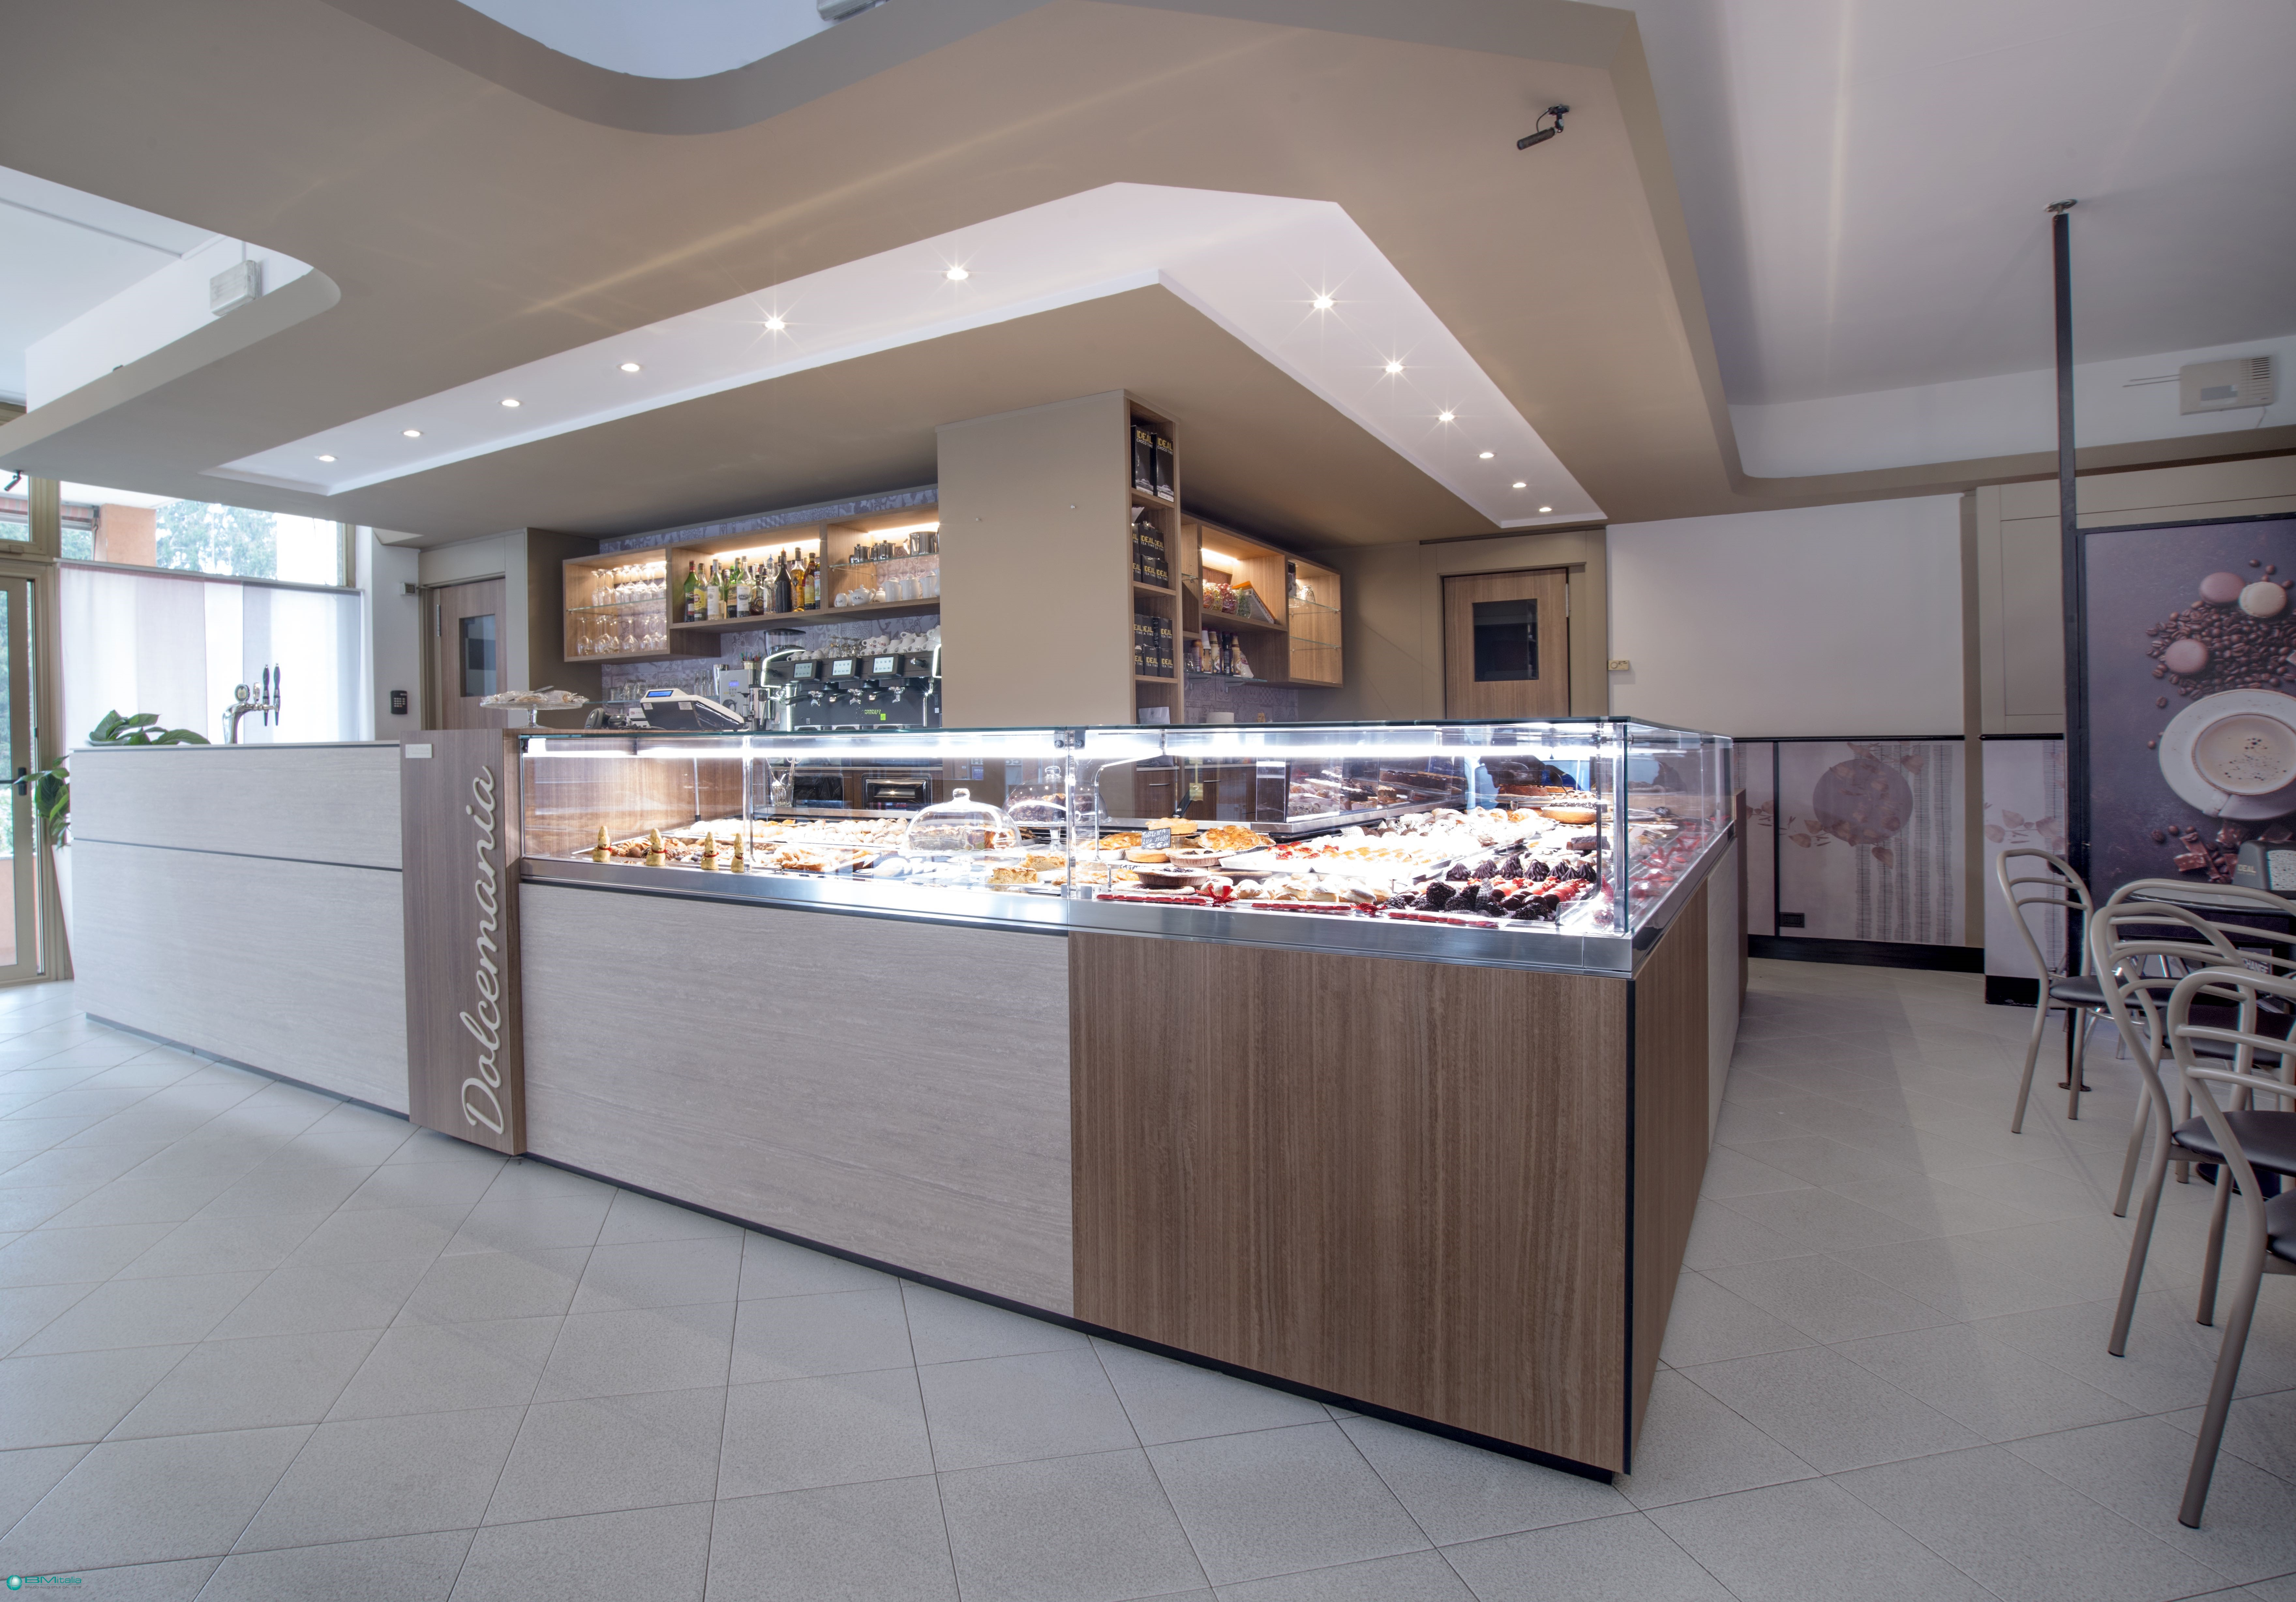 Arredamenti per pasticceria gelateria bar milano como for Arredamenti di giuseppe roma